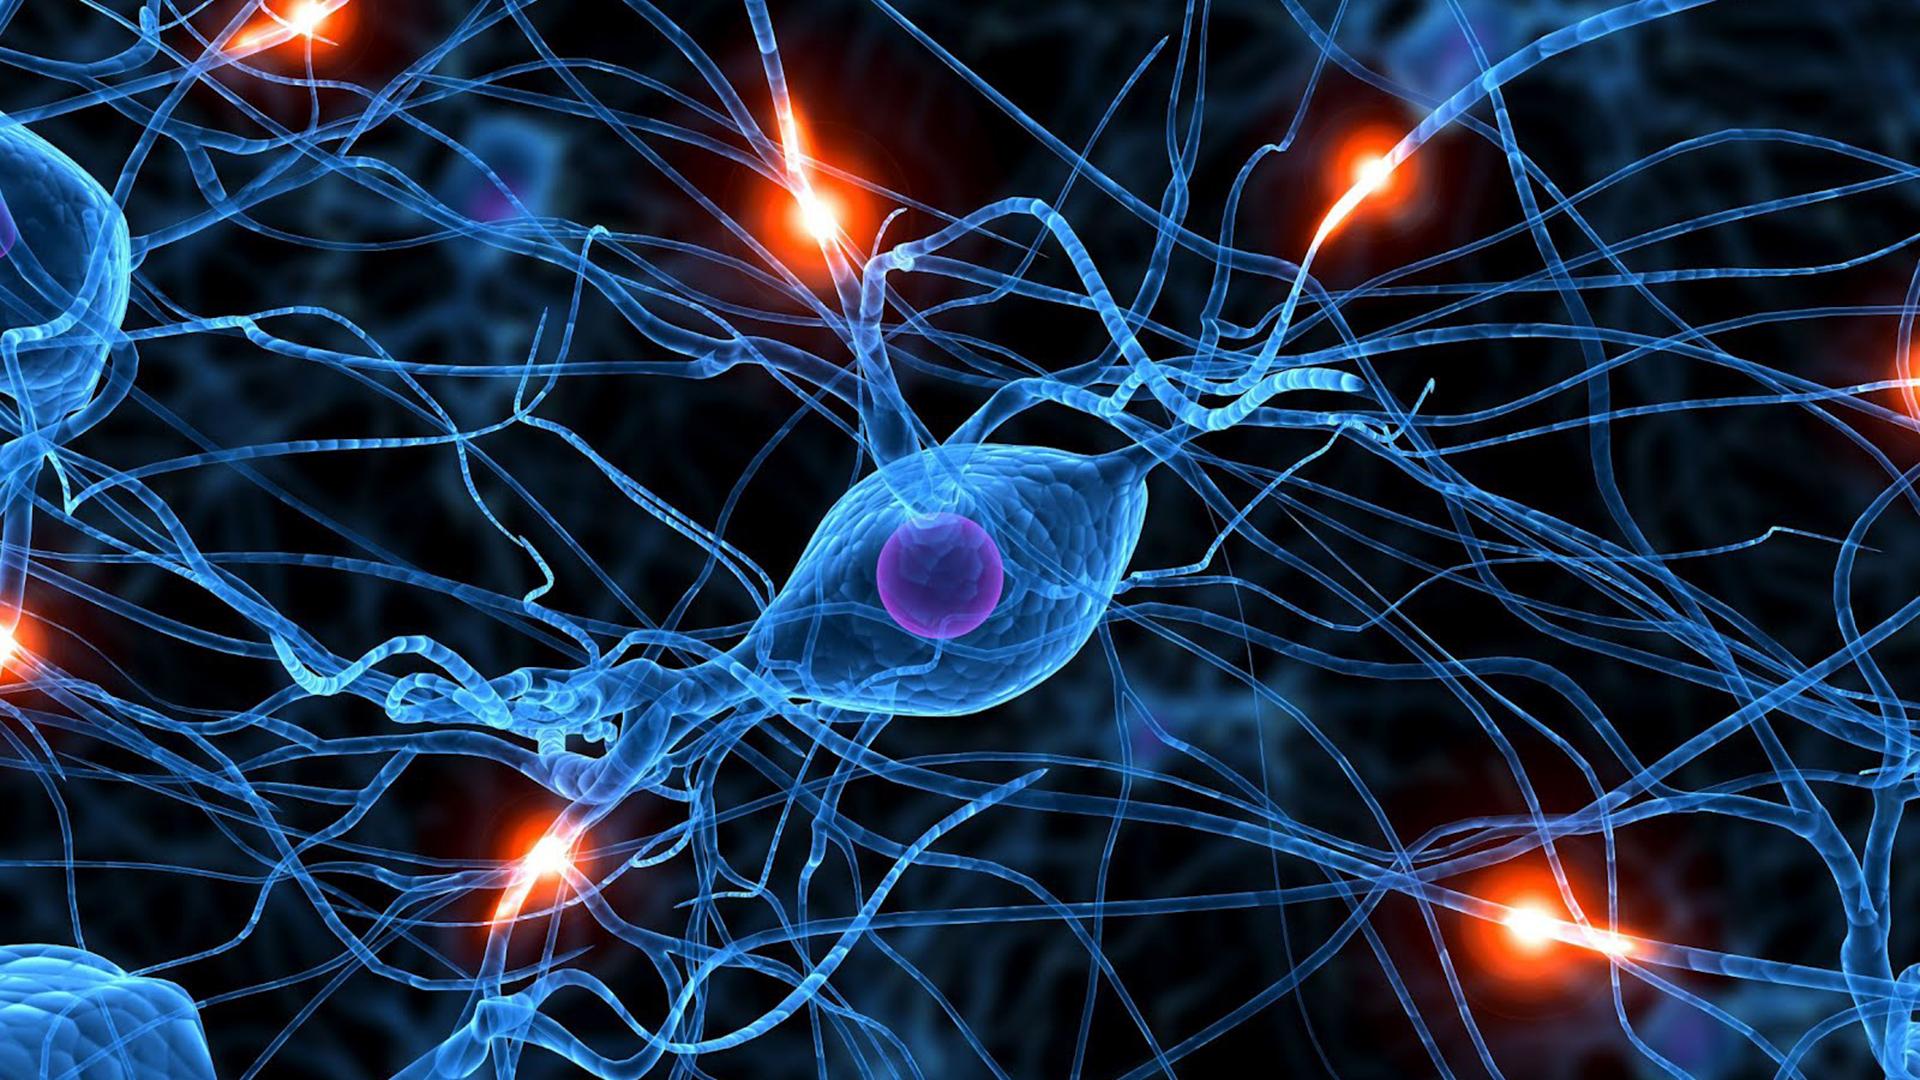 """Durand y su equipo observaron un """"salto"""" de onda a través de un corte que habían hecho en el corte de tejido cerebral, un fenómeno, que concluyeron, solo podía explicarse por el acoplamiento del campo eléctrico. Una y otra vez, la onda cerebral parecía saltar a través de la brecha vacía Foto: (Archivo)"""